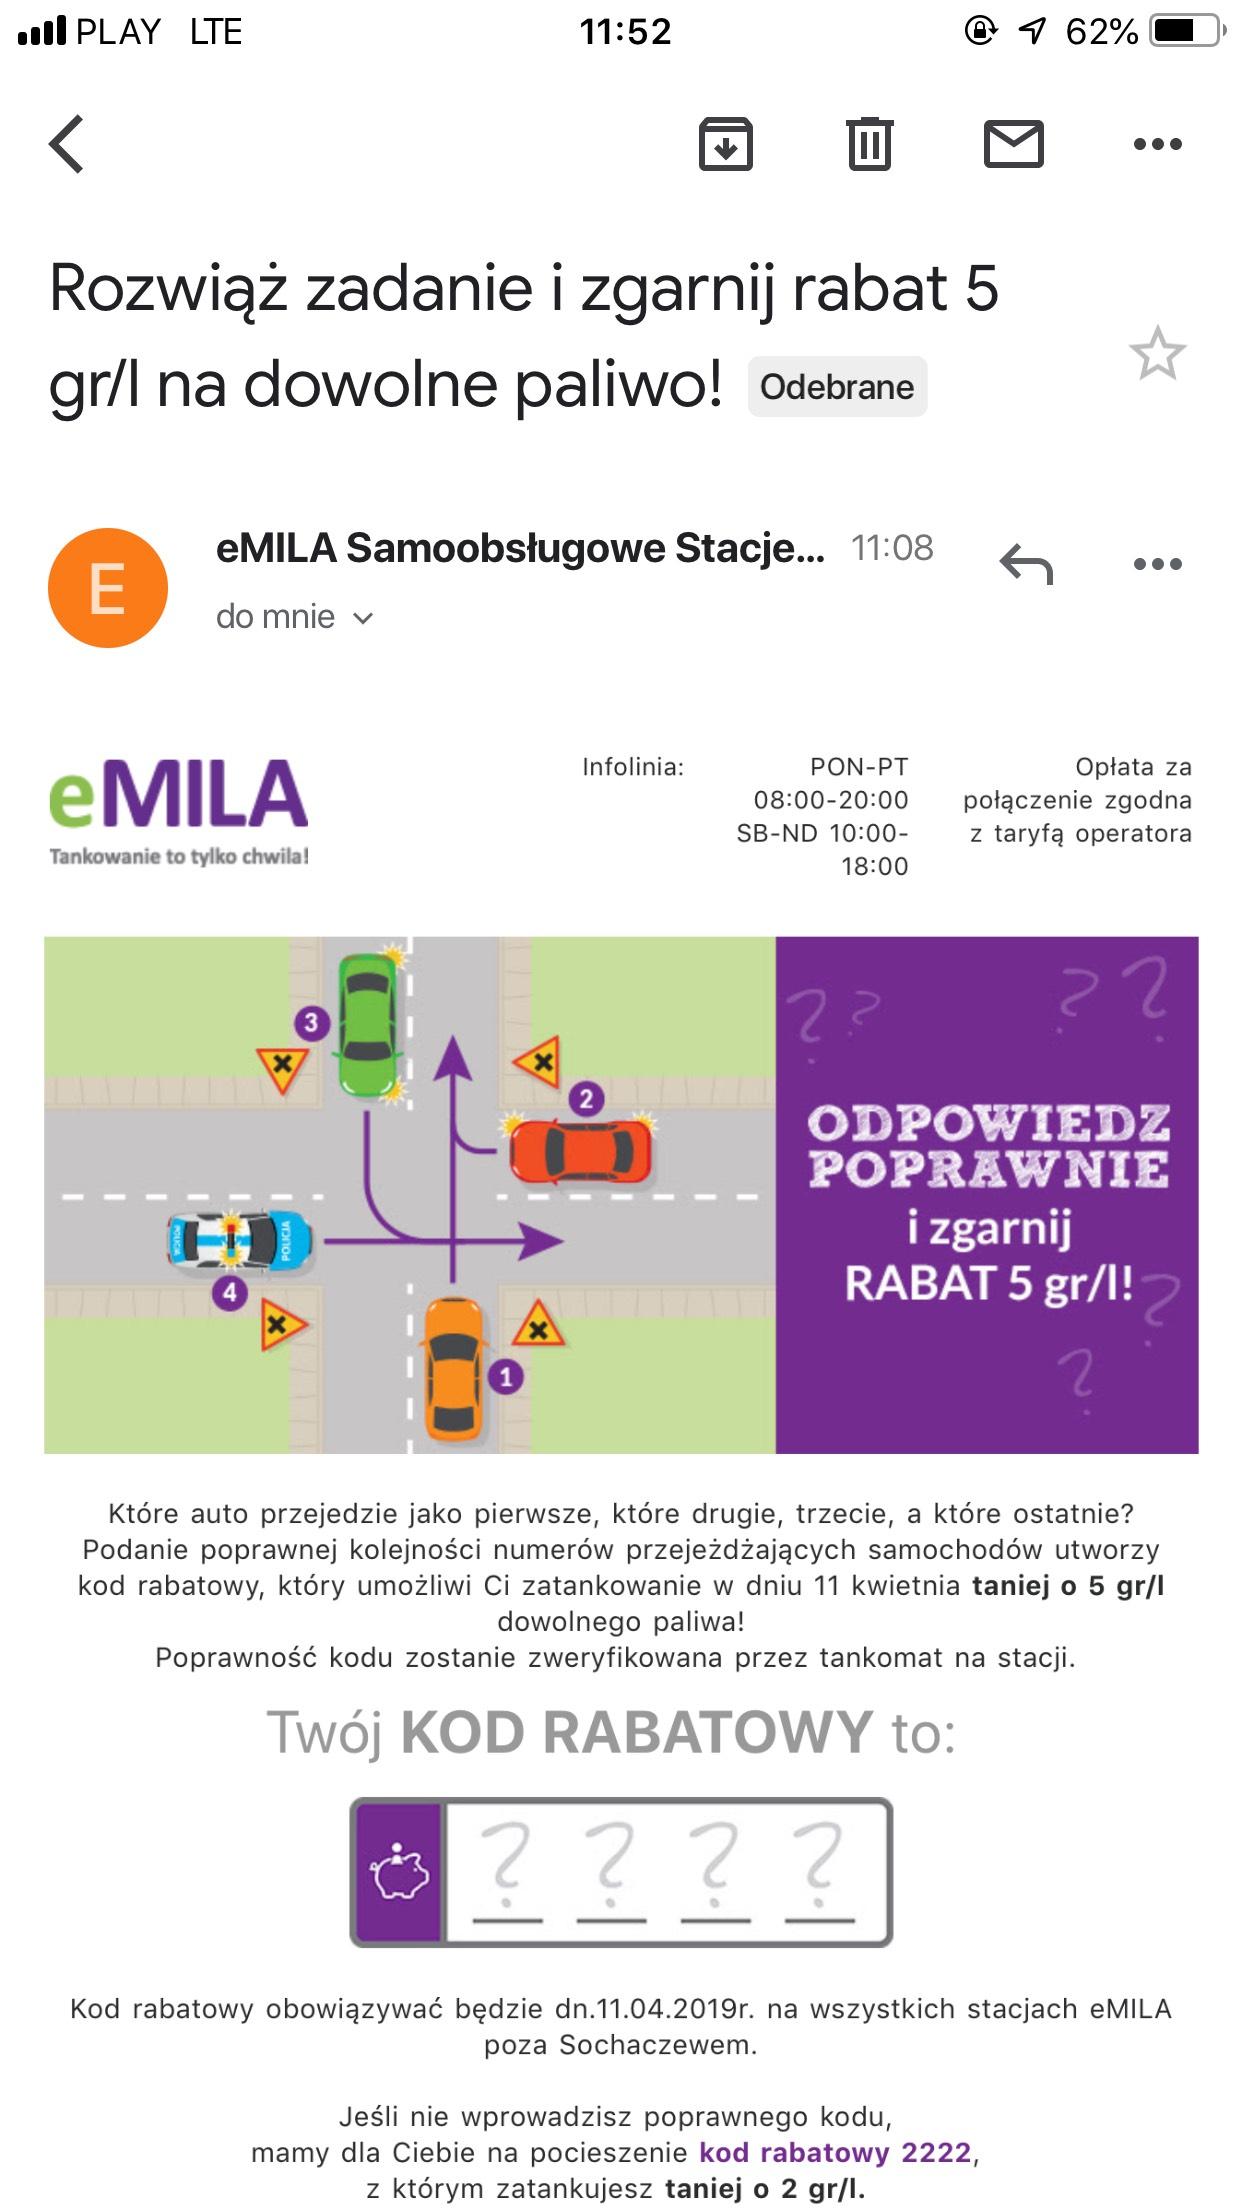 Rabat 5 gr/l na dowolne paliwo! - eMILA